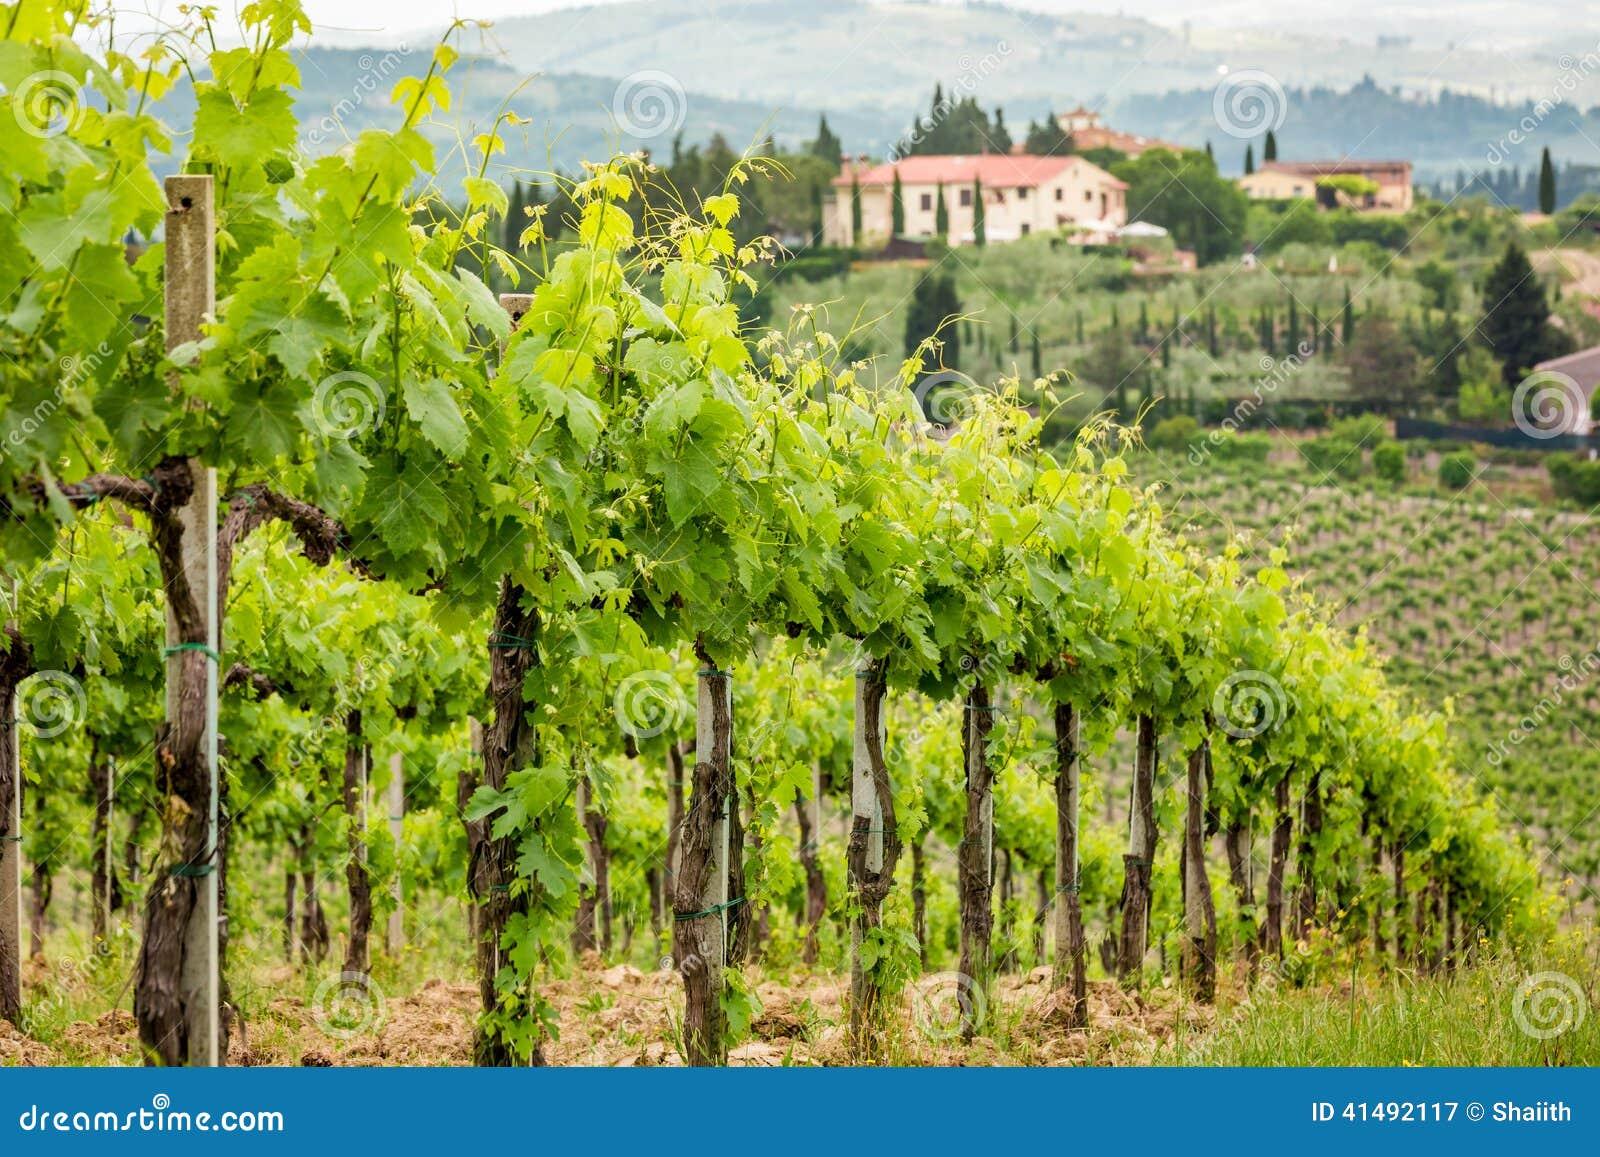 Champ De Vigne champ des vignes sur un fond d'une hacienda en toscane image stock